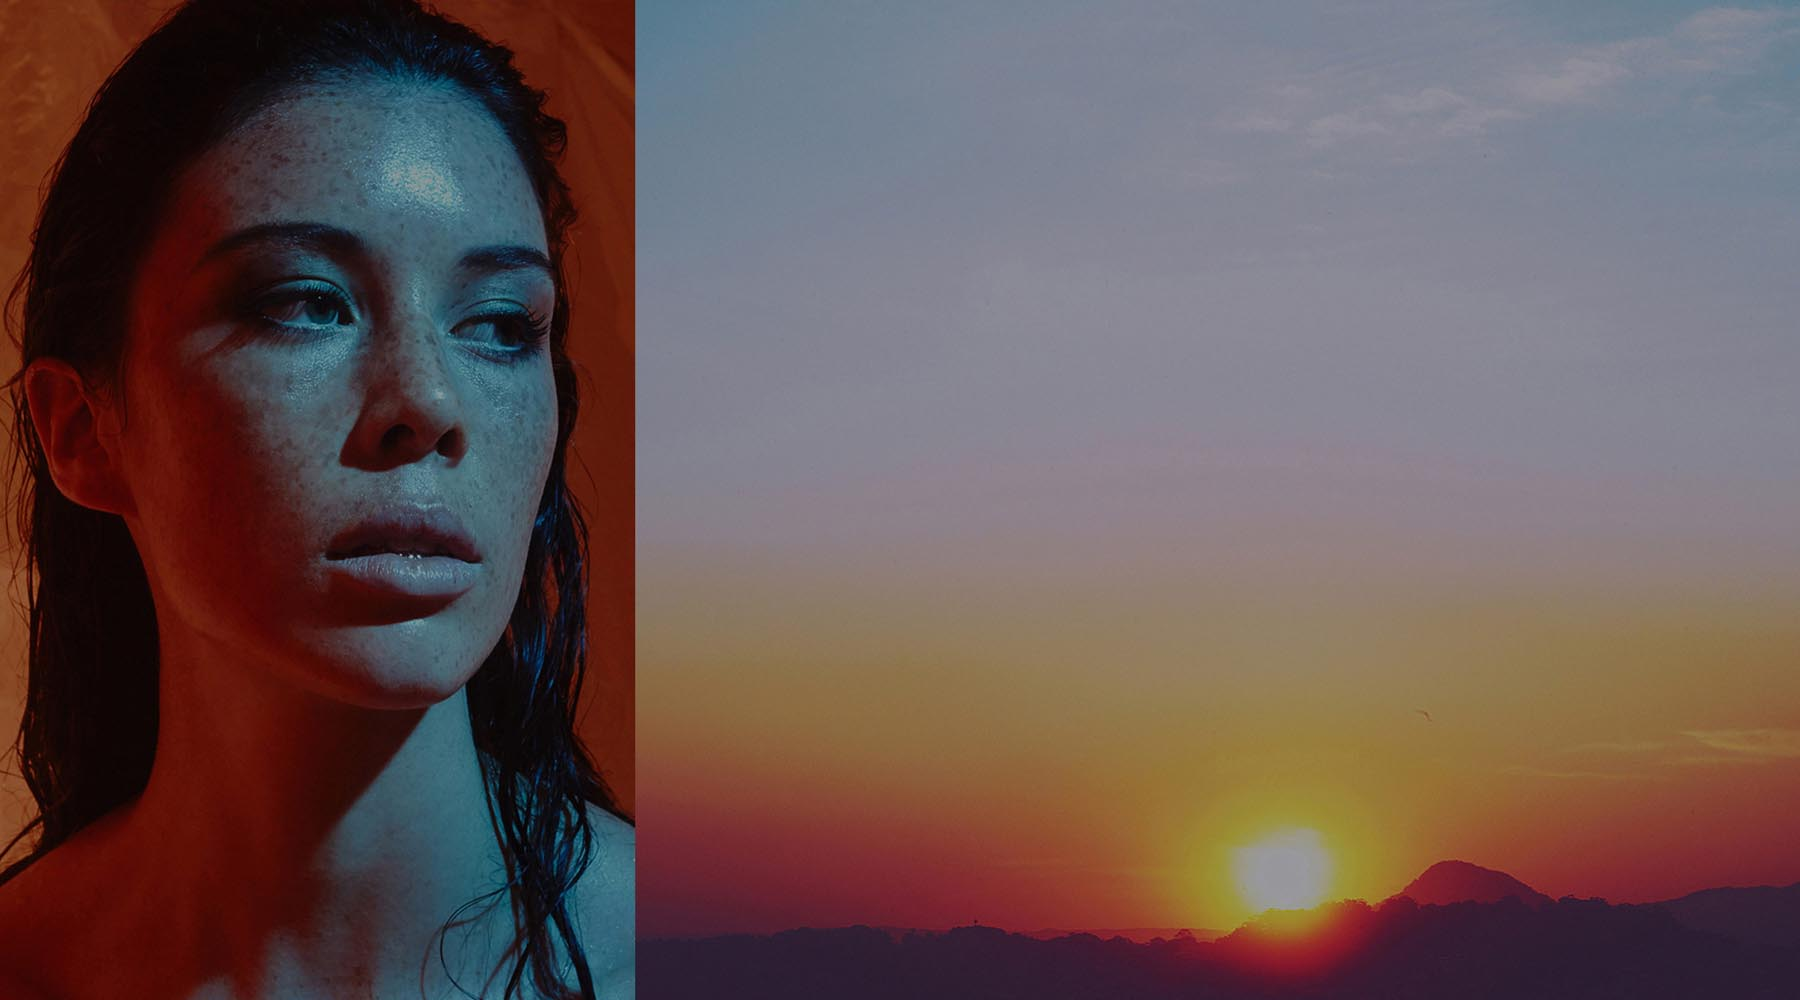 Noel McLaughlin Portrait & Sunrise